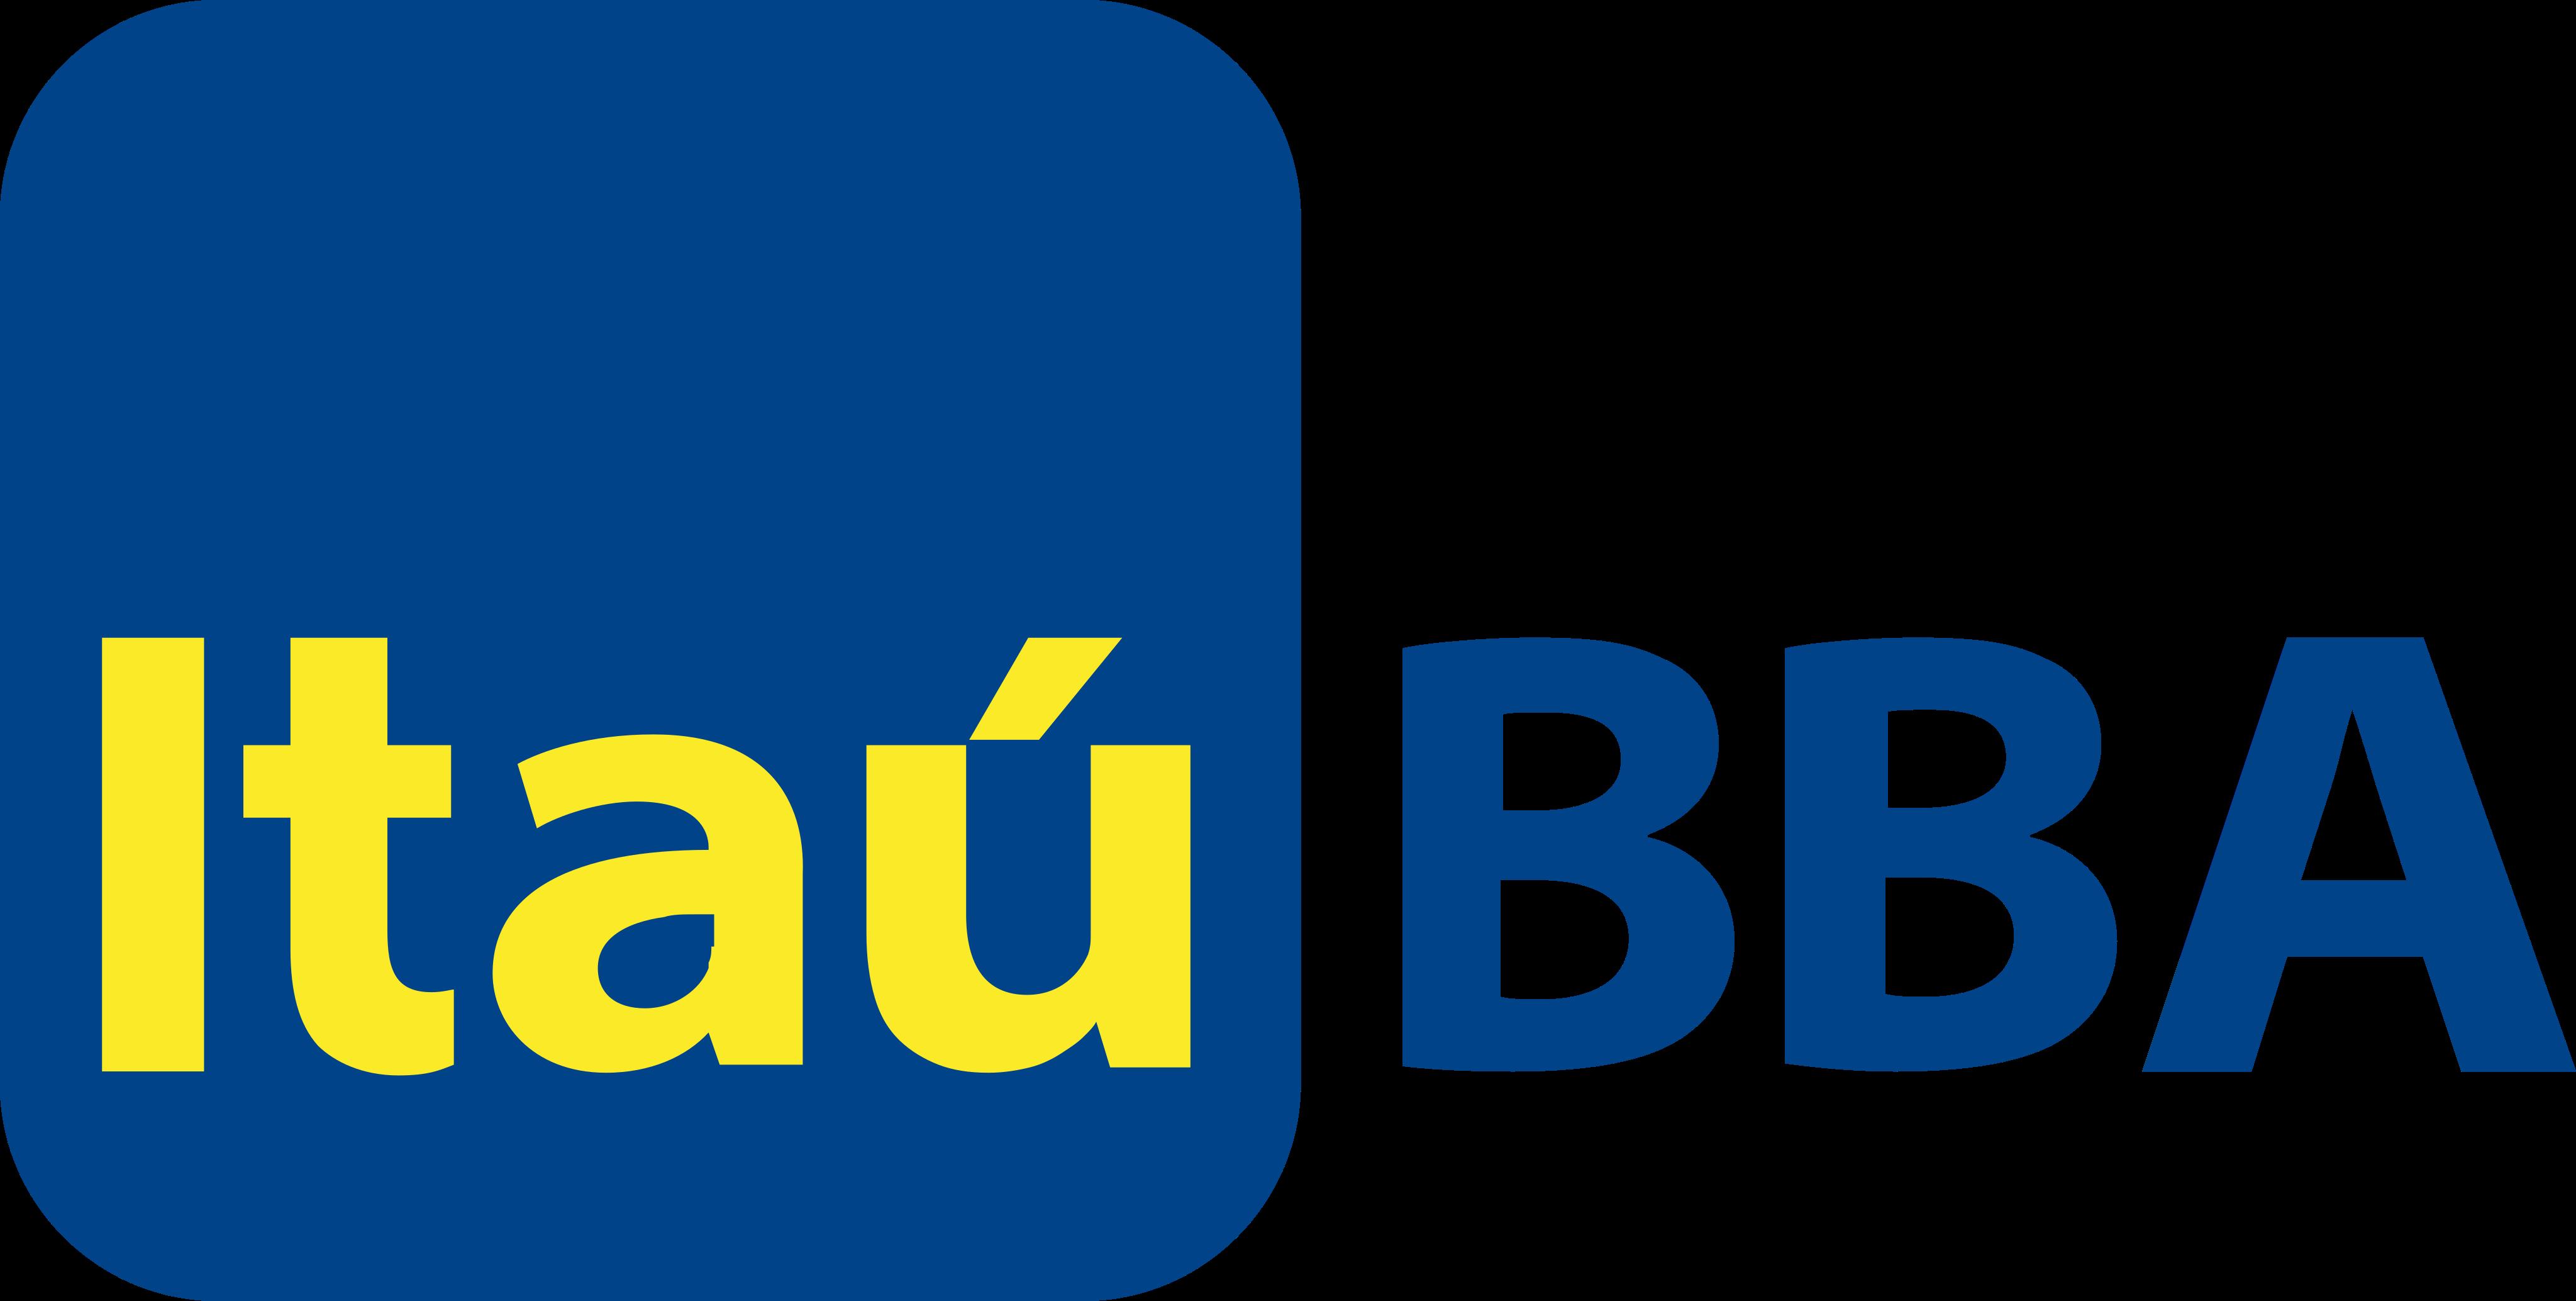 Itaú BBA Logo.